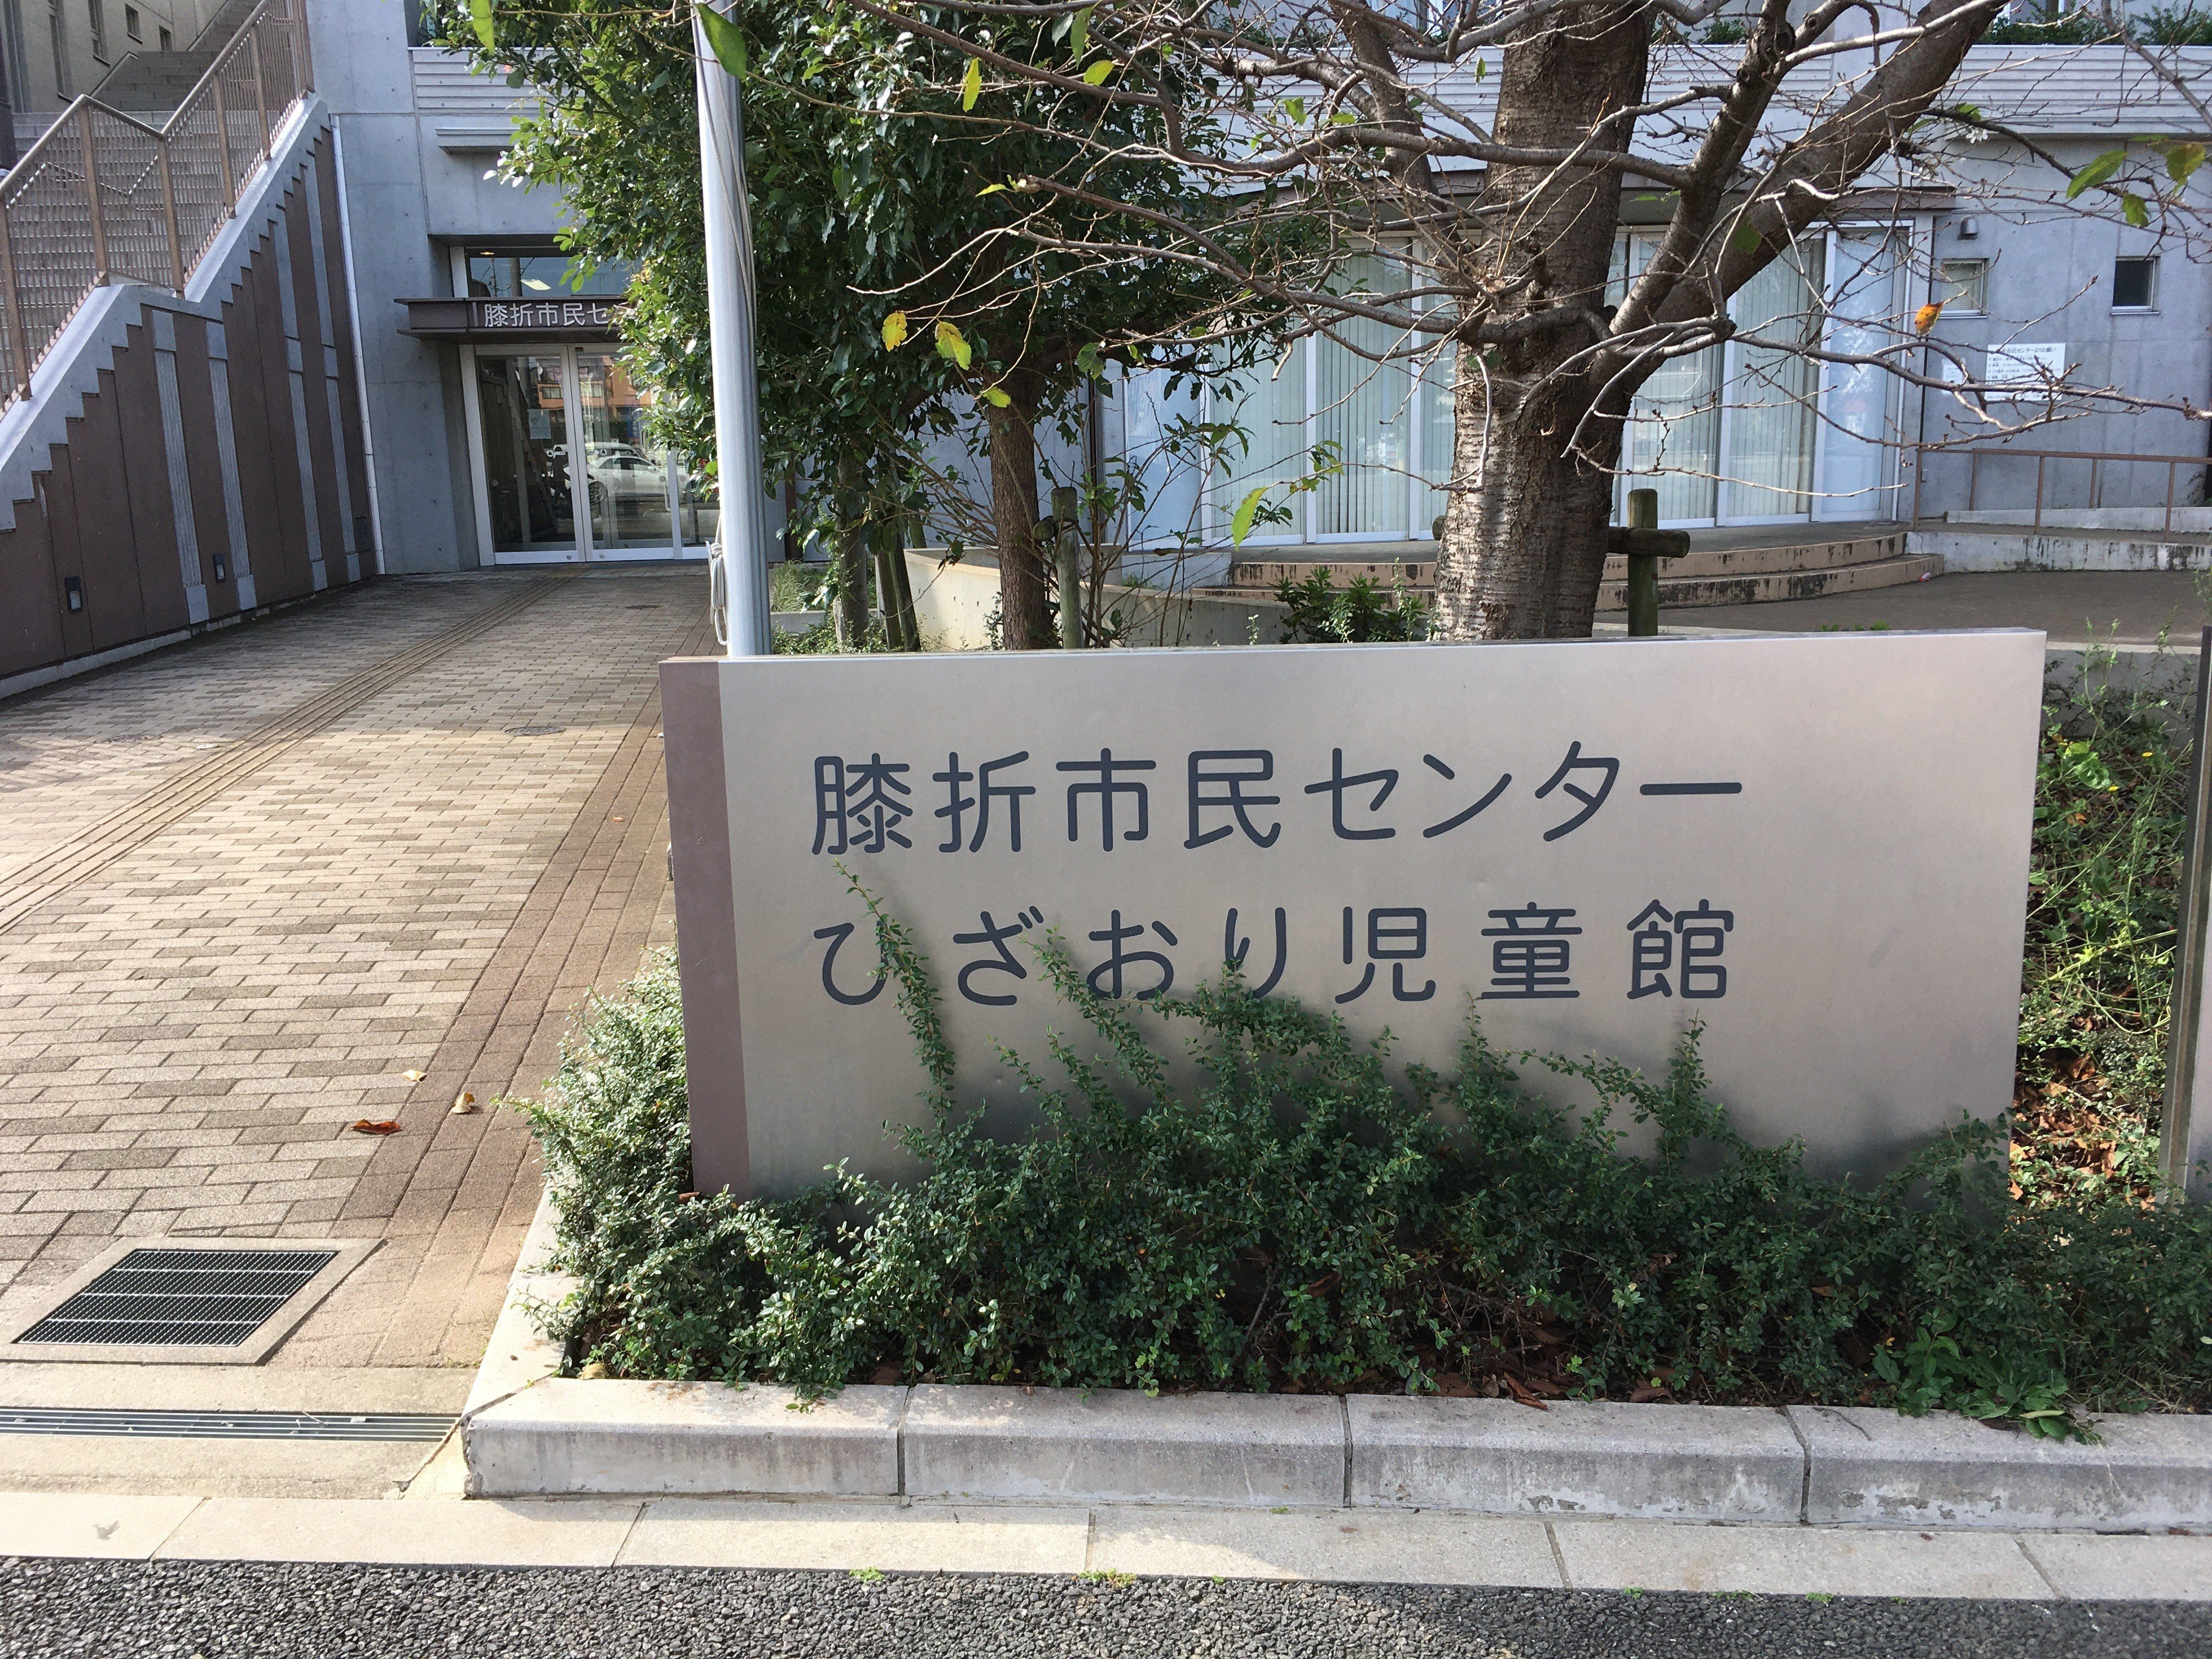 膝折市民センター・ひざおり児童館